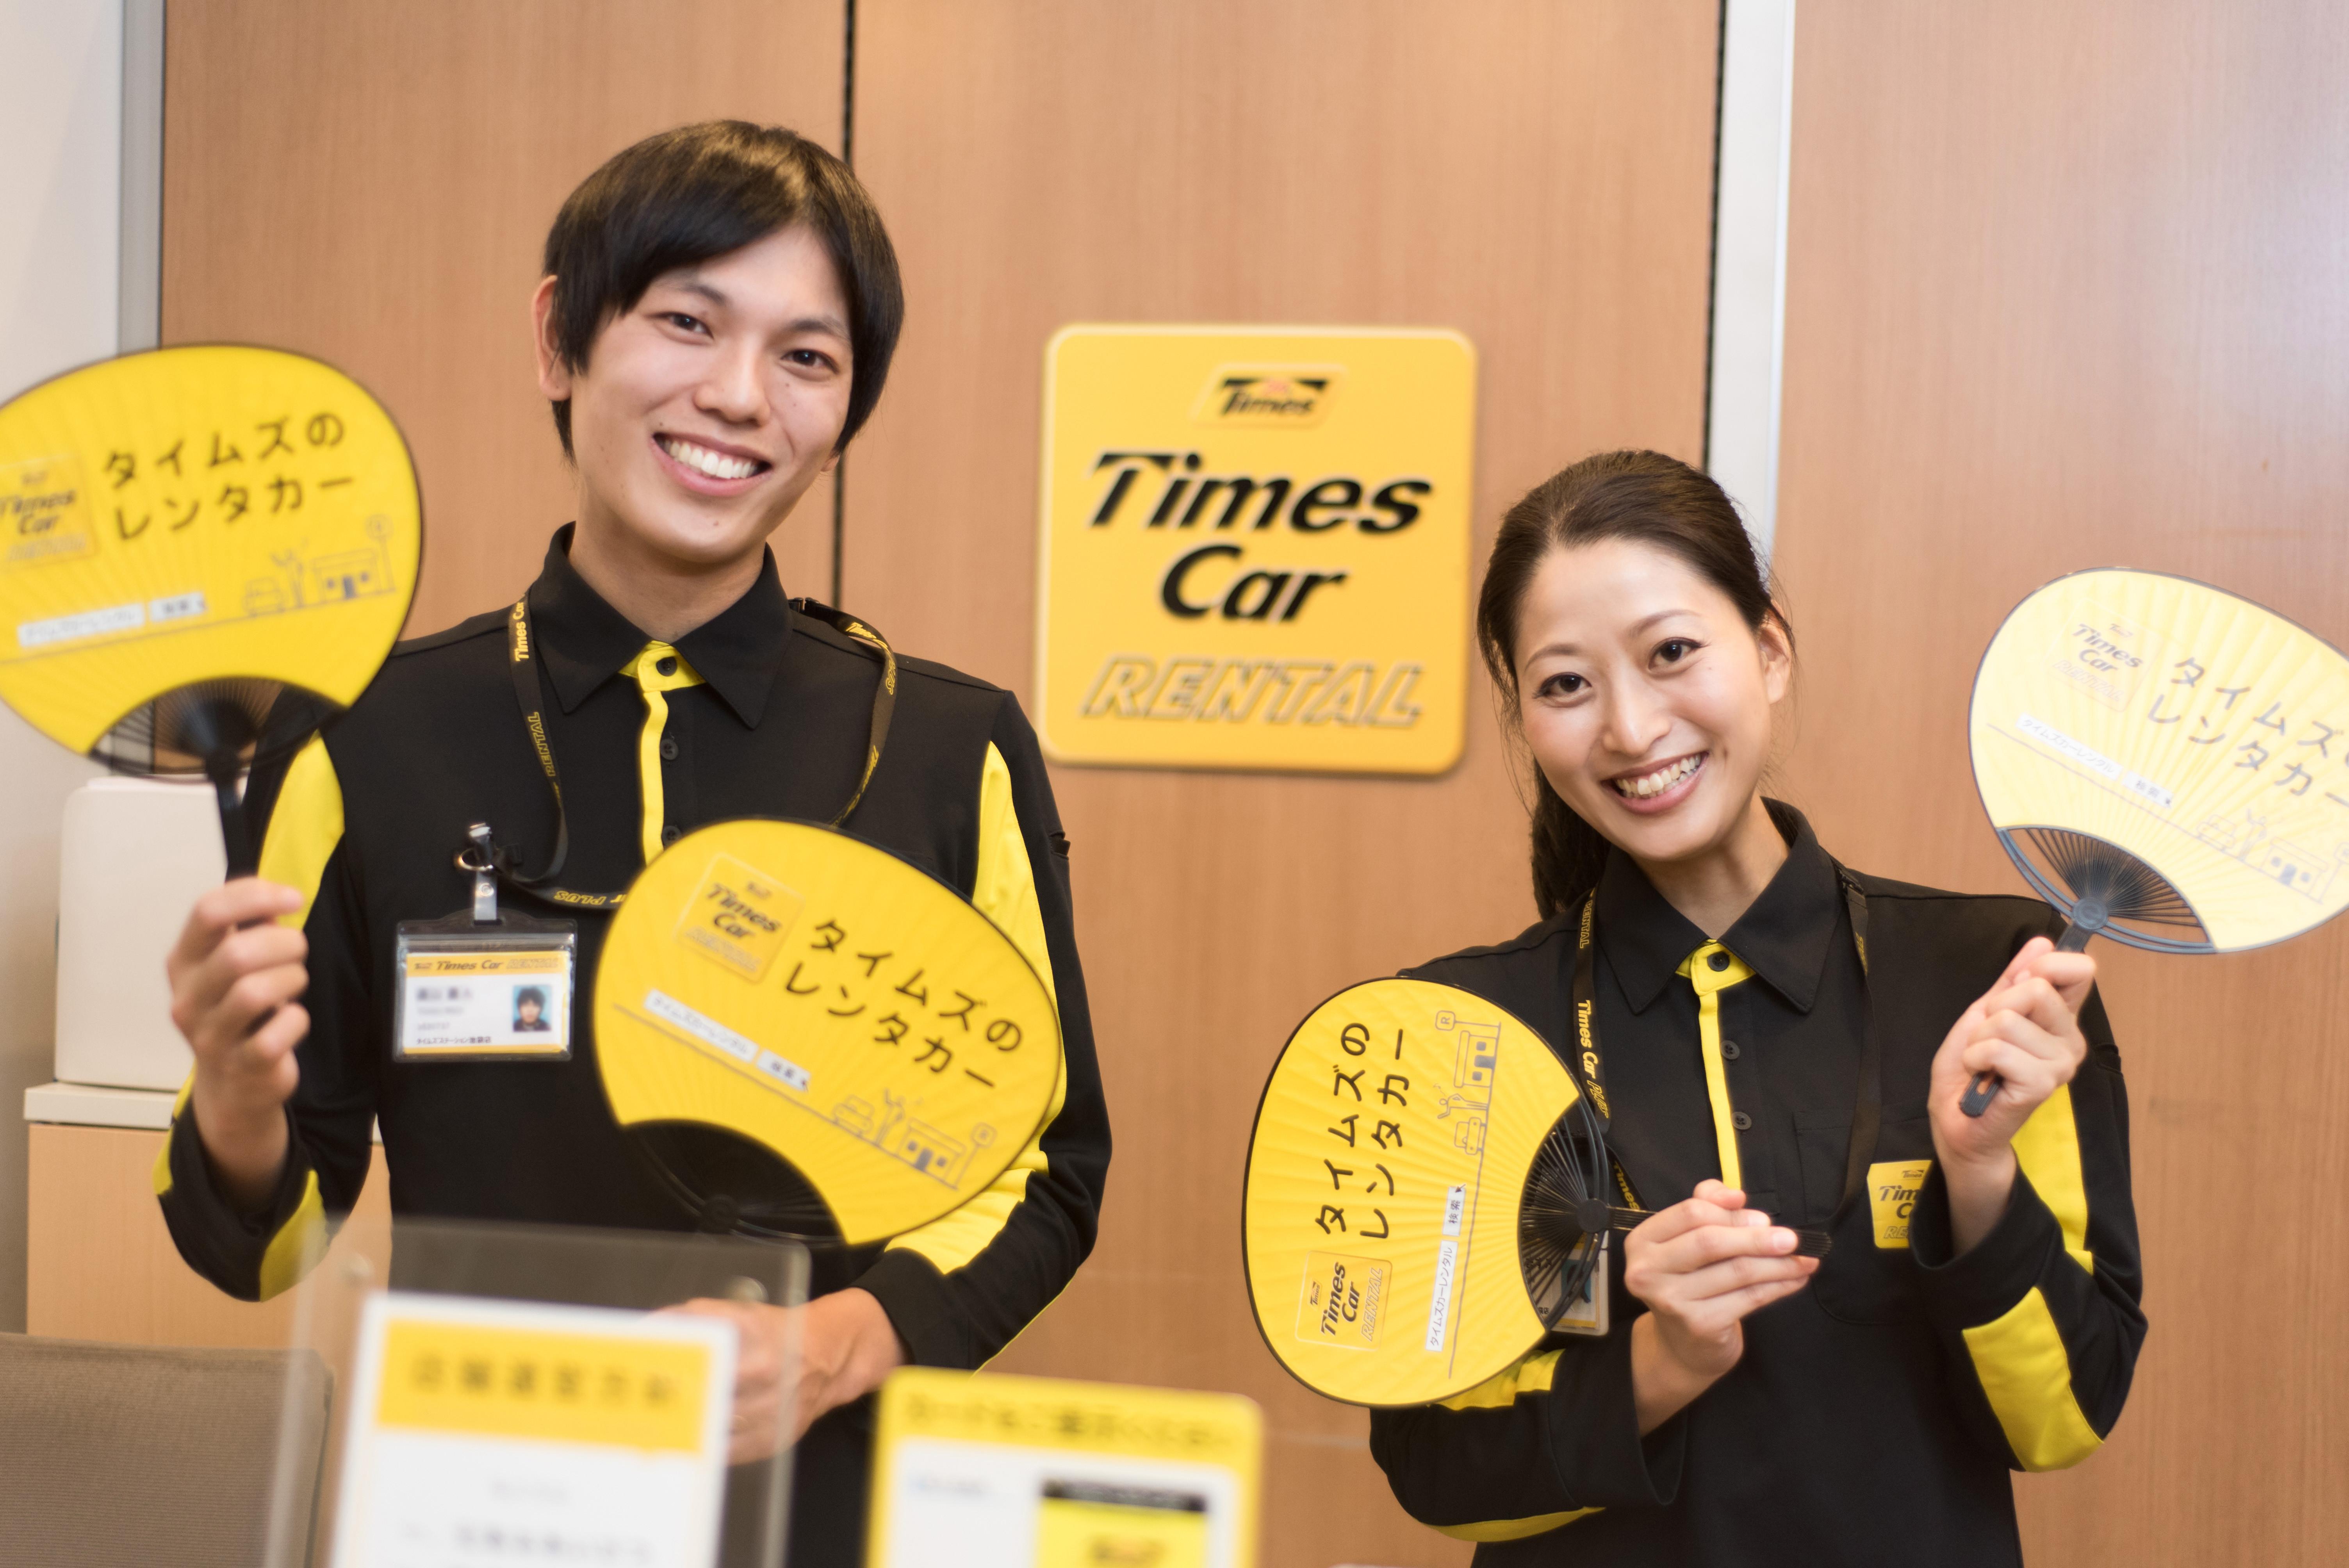 タイムズカーレンタル 秋田山王通り店 のアルバイト情報